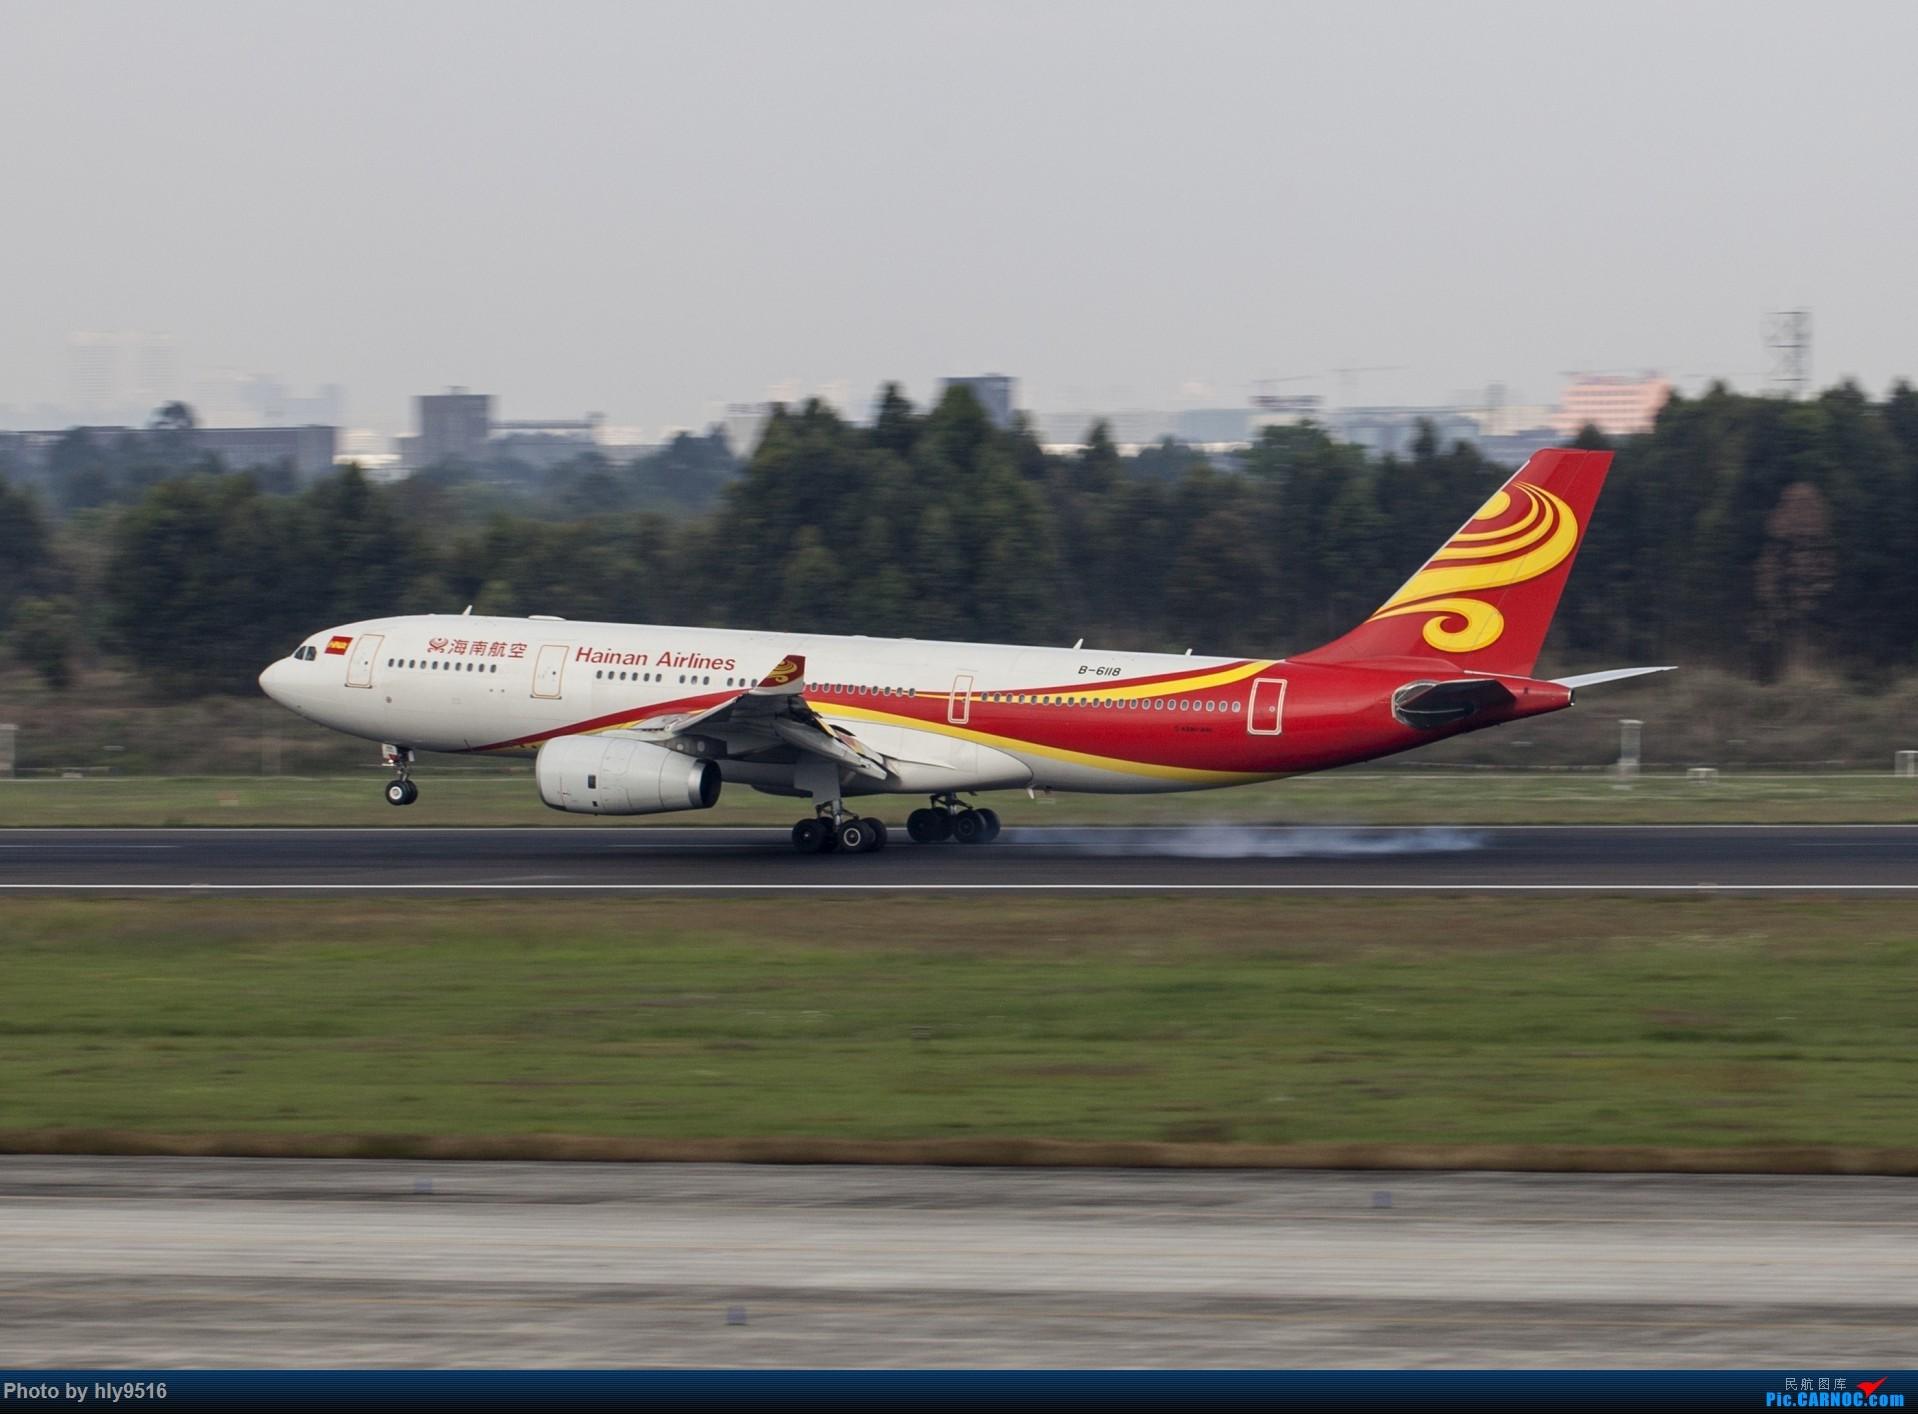 Re:[原创]【CTU】终于解决了大怨念南航A380 偶遇长荣新涂装 两次复飞 小怨念若干 AIRBUS A330-200 B-6118 中国成都双流国际机场